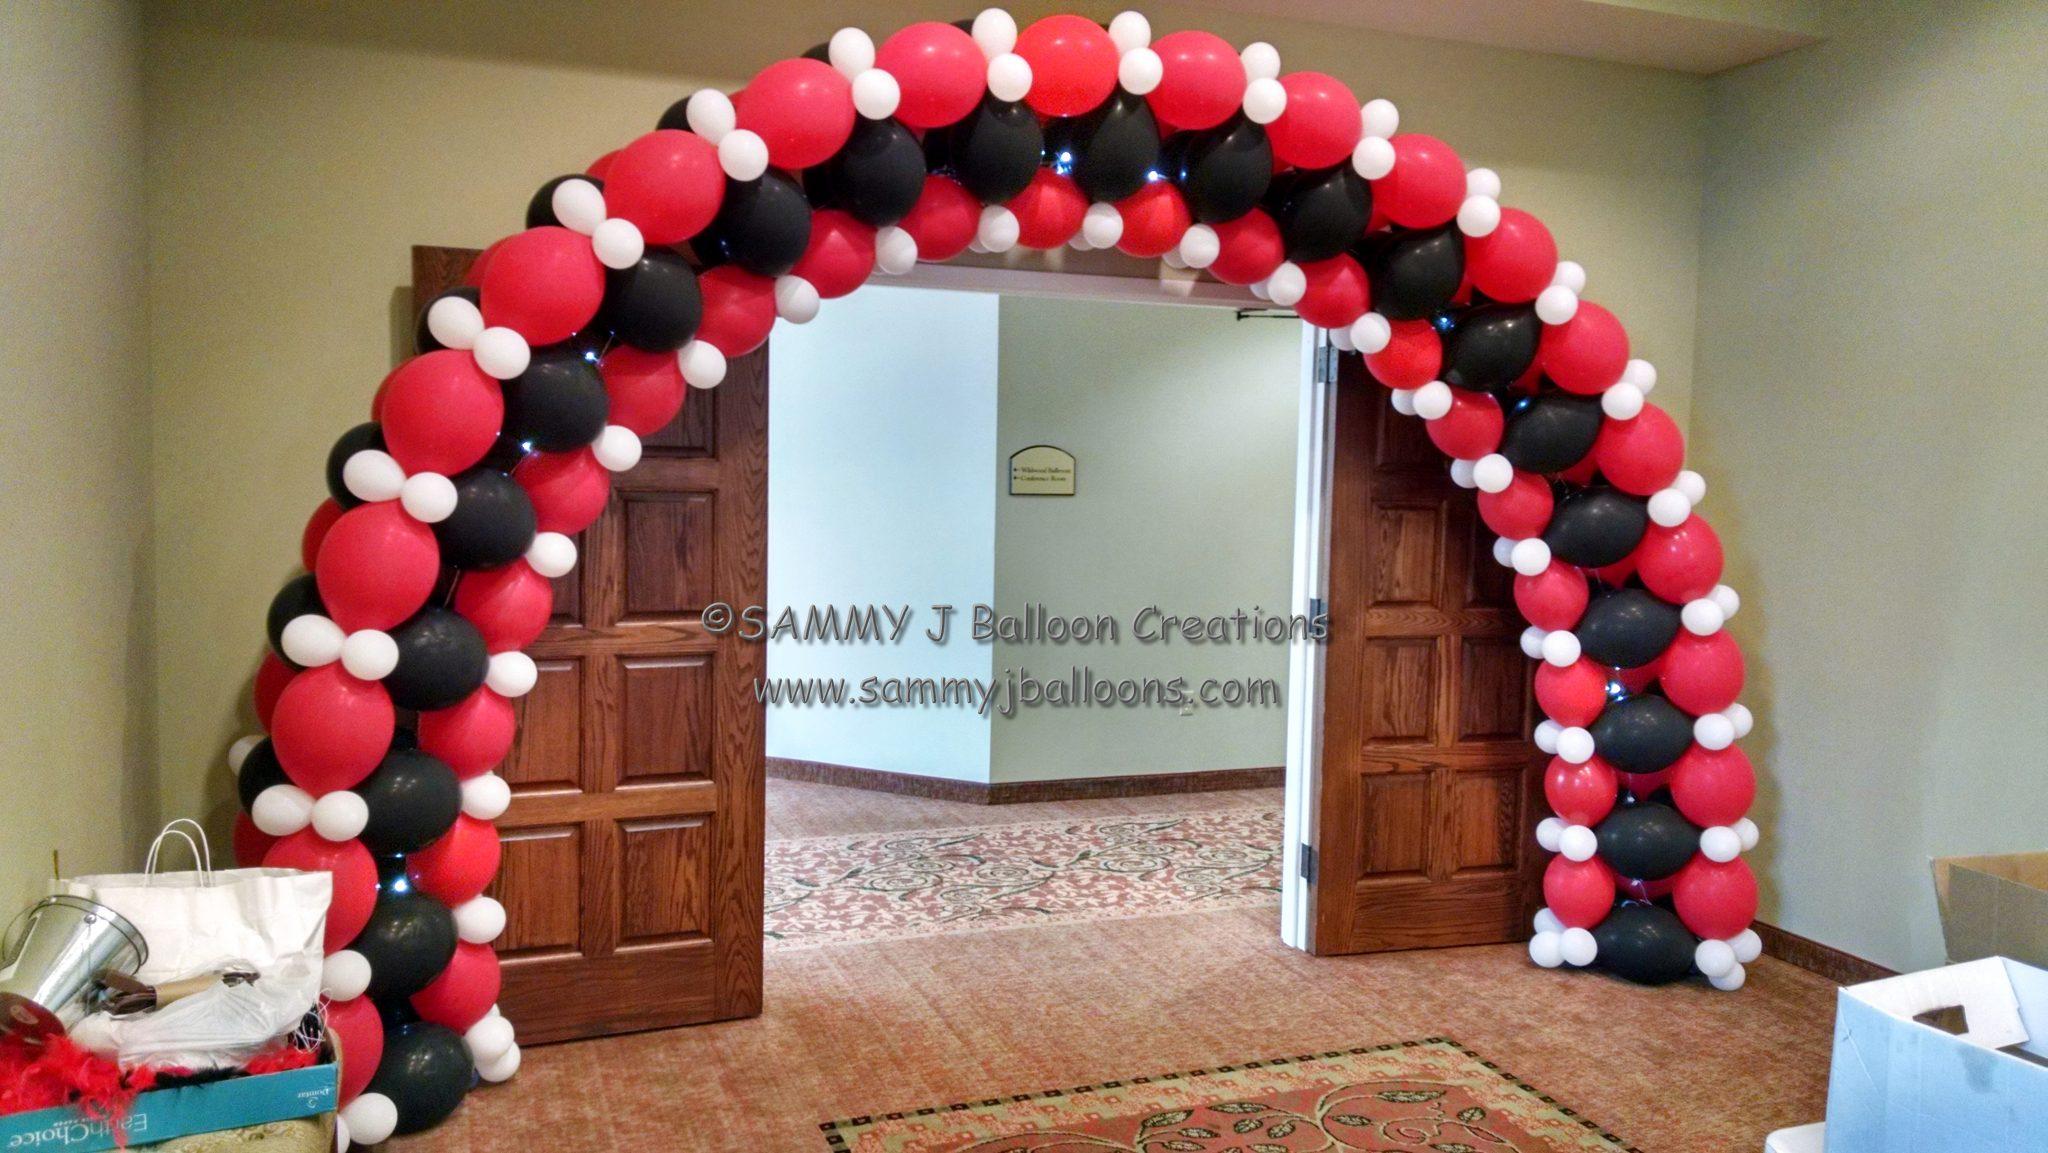 SAMMY J Balloon Creations st louis balloons linkoloon casino arch